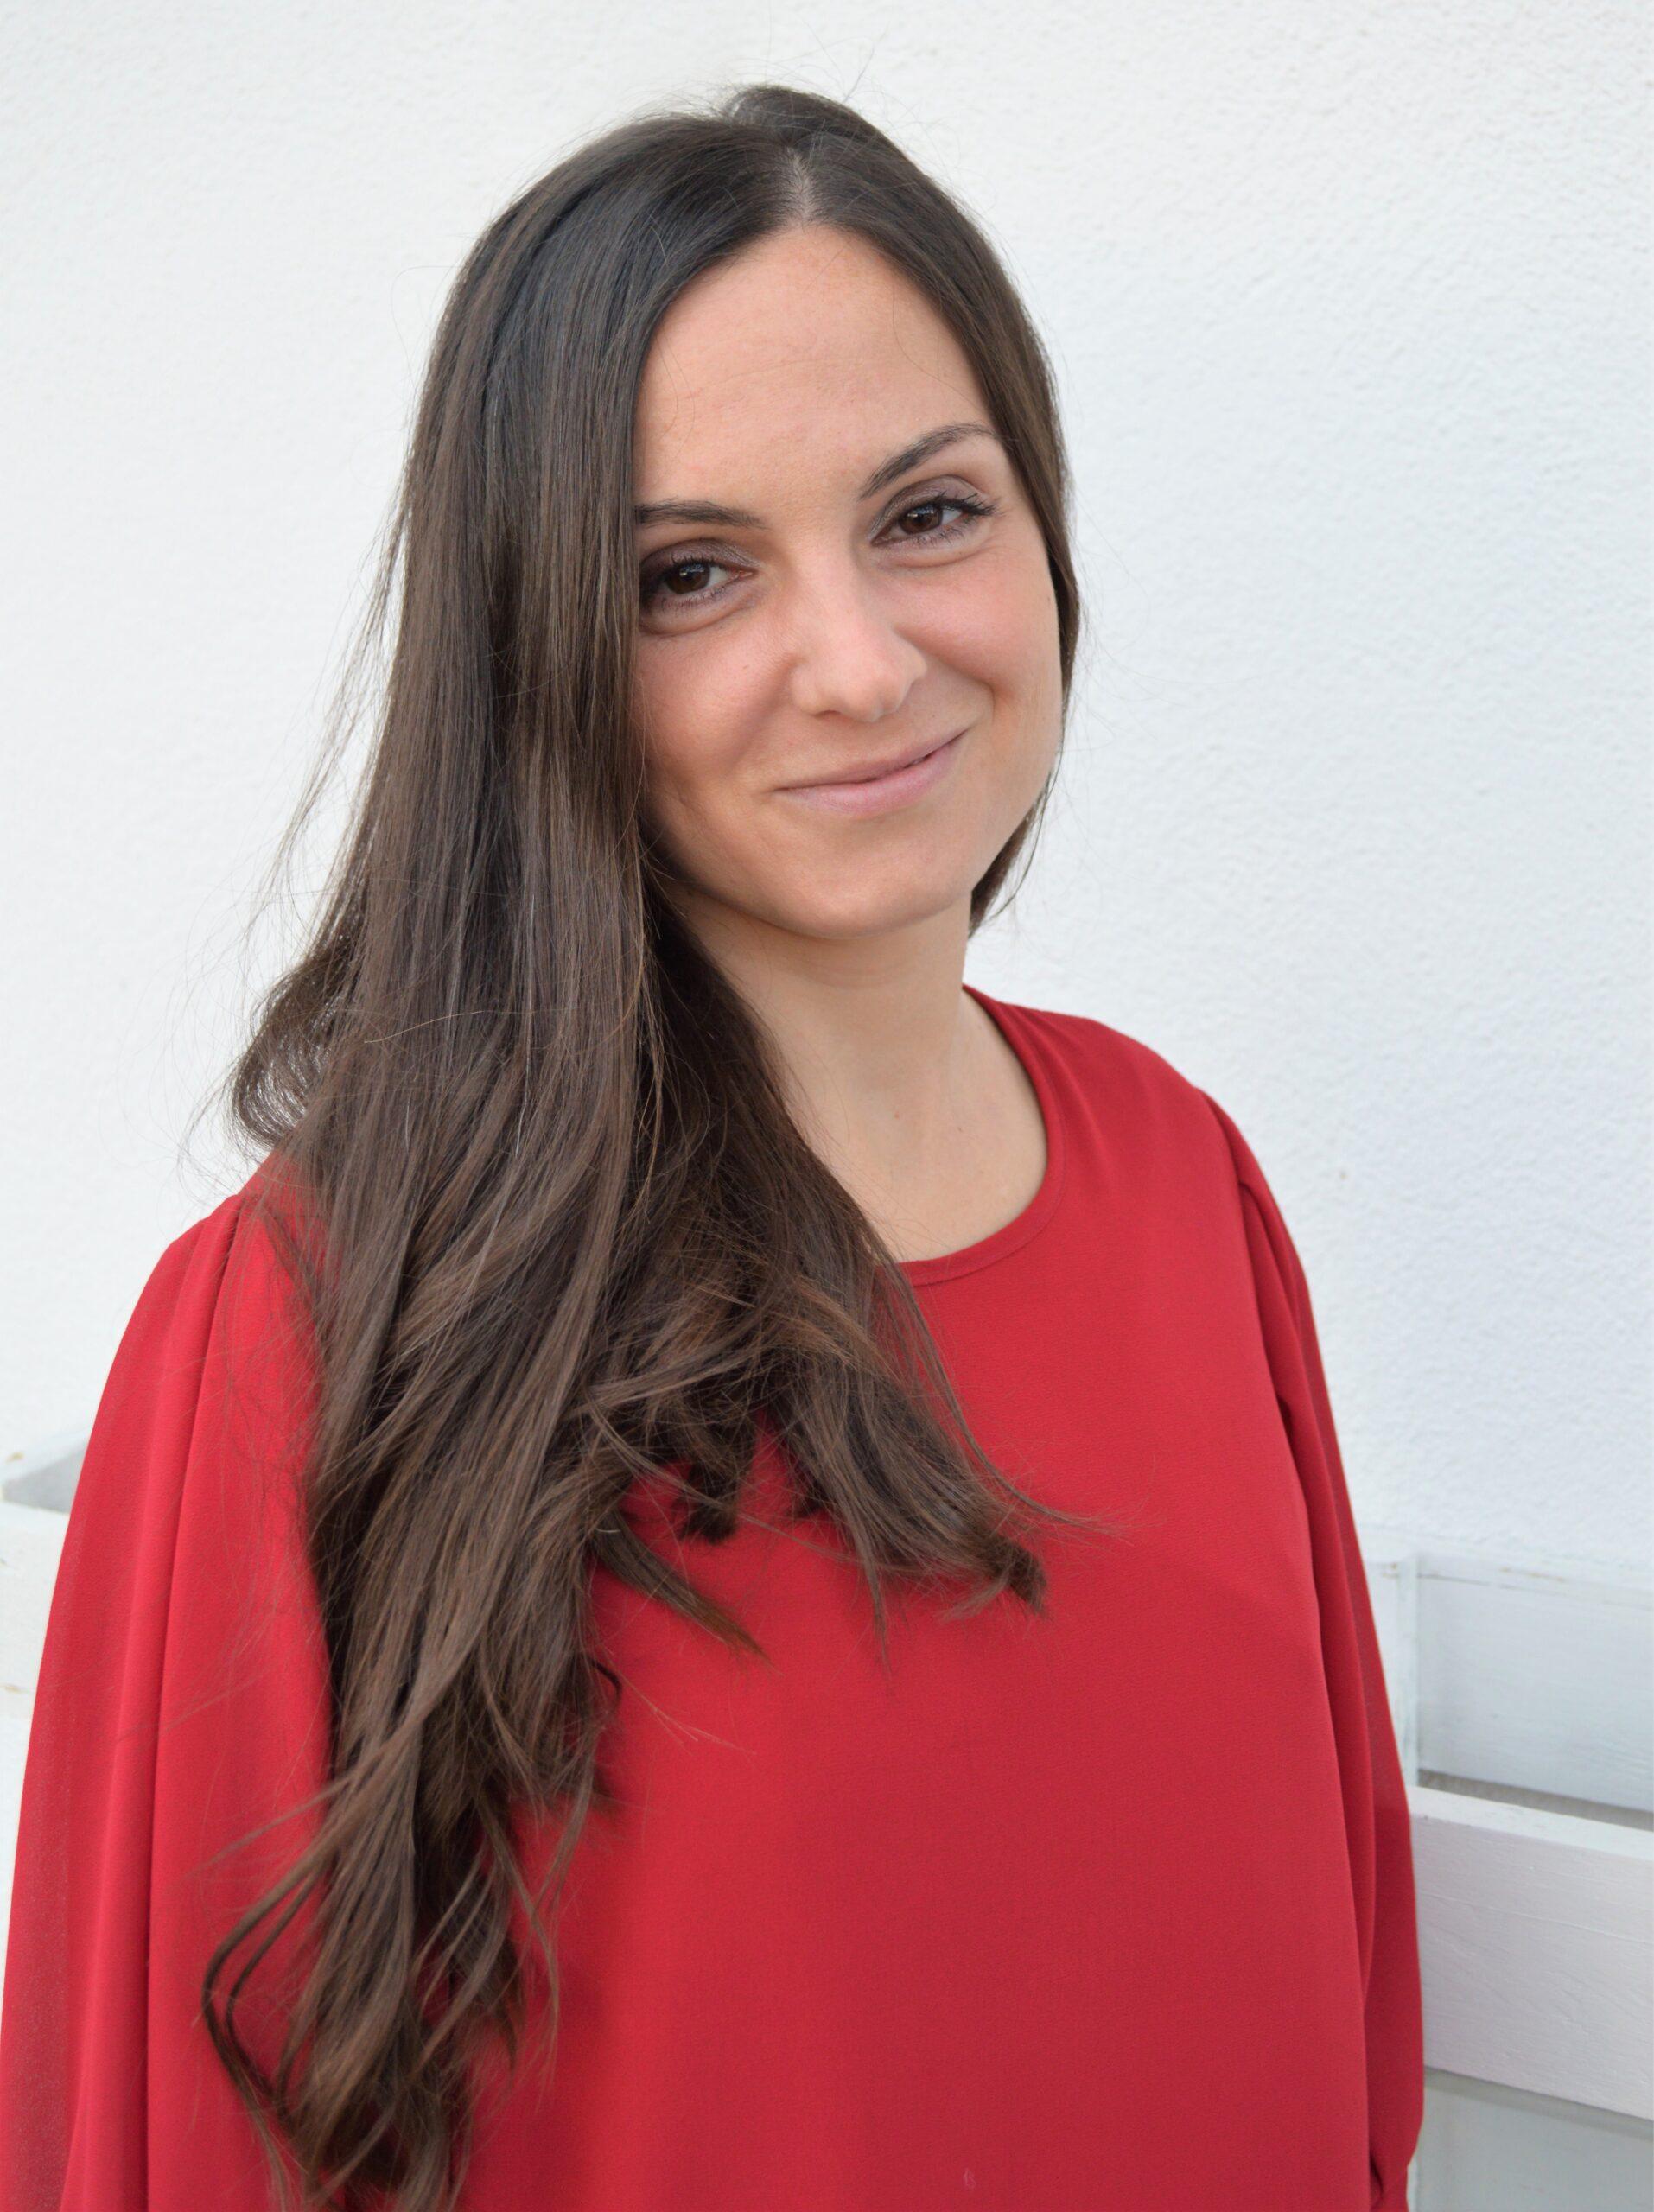 Come-lavoro-Psicologa-Psicoterapeuta-Marina di Marco